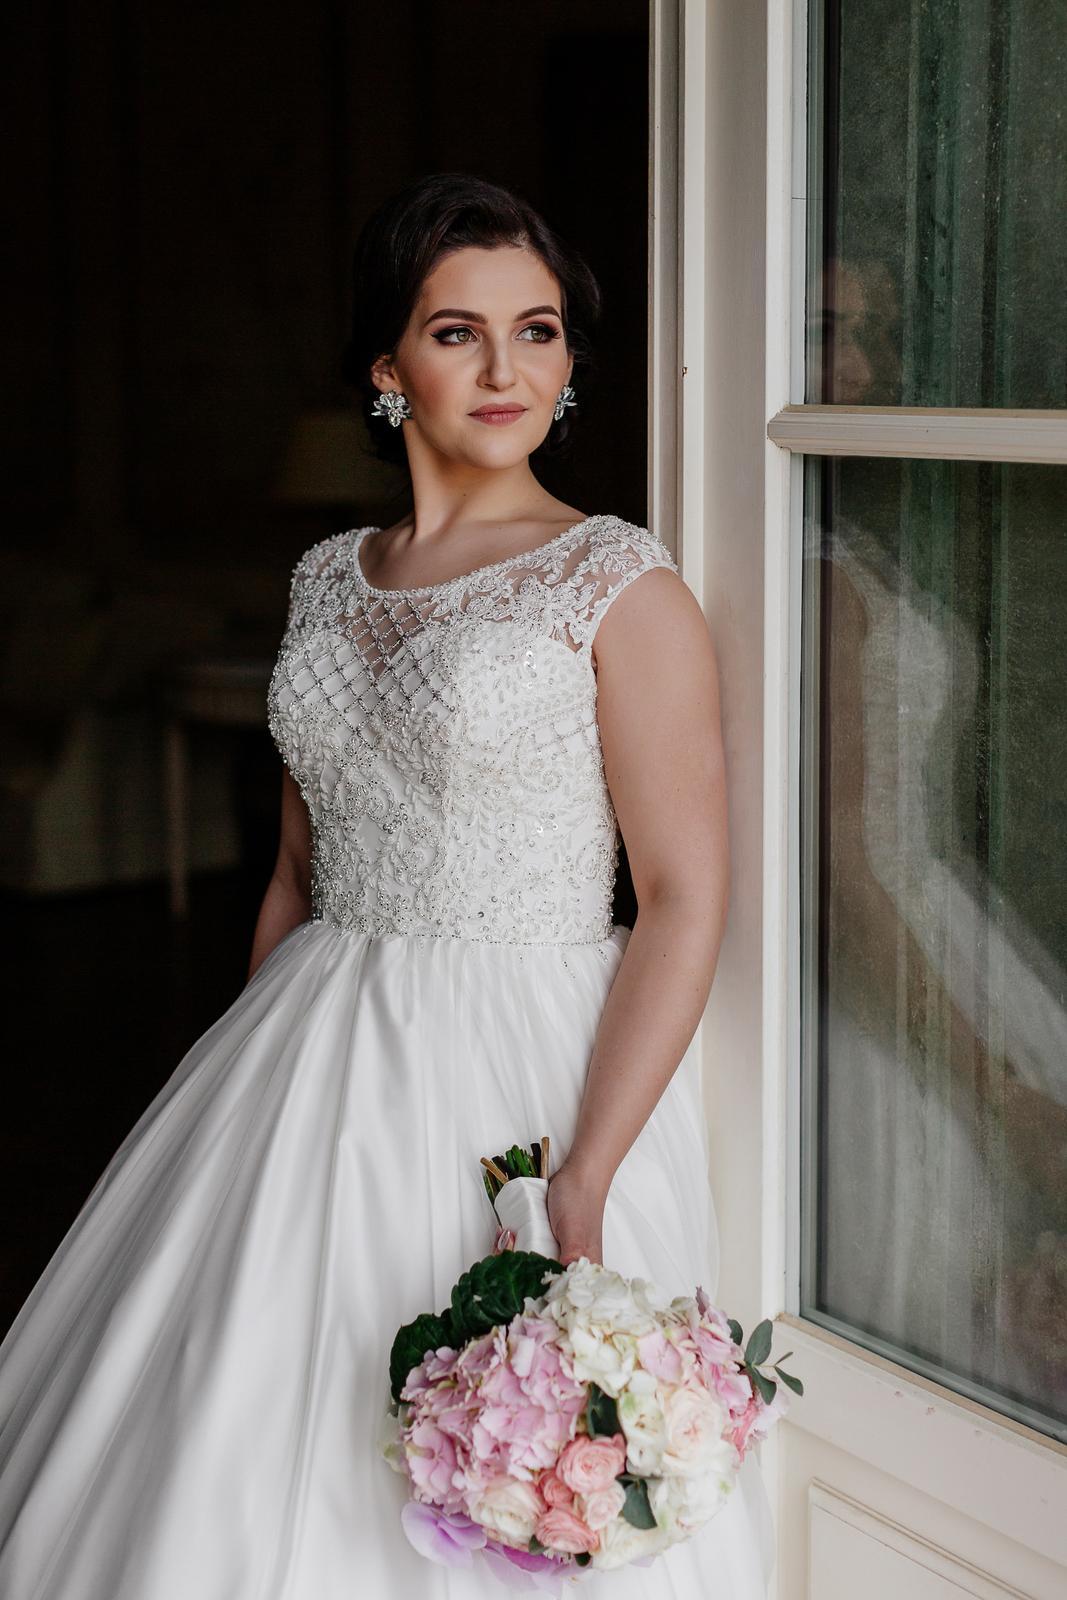 Svadobné šaty Irian Sam veľ. 38 spolu s katedrálovým závojom 3m - Obrázok č. 1